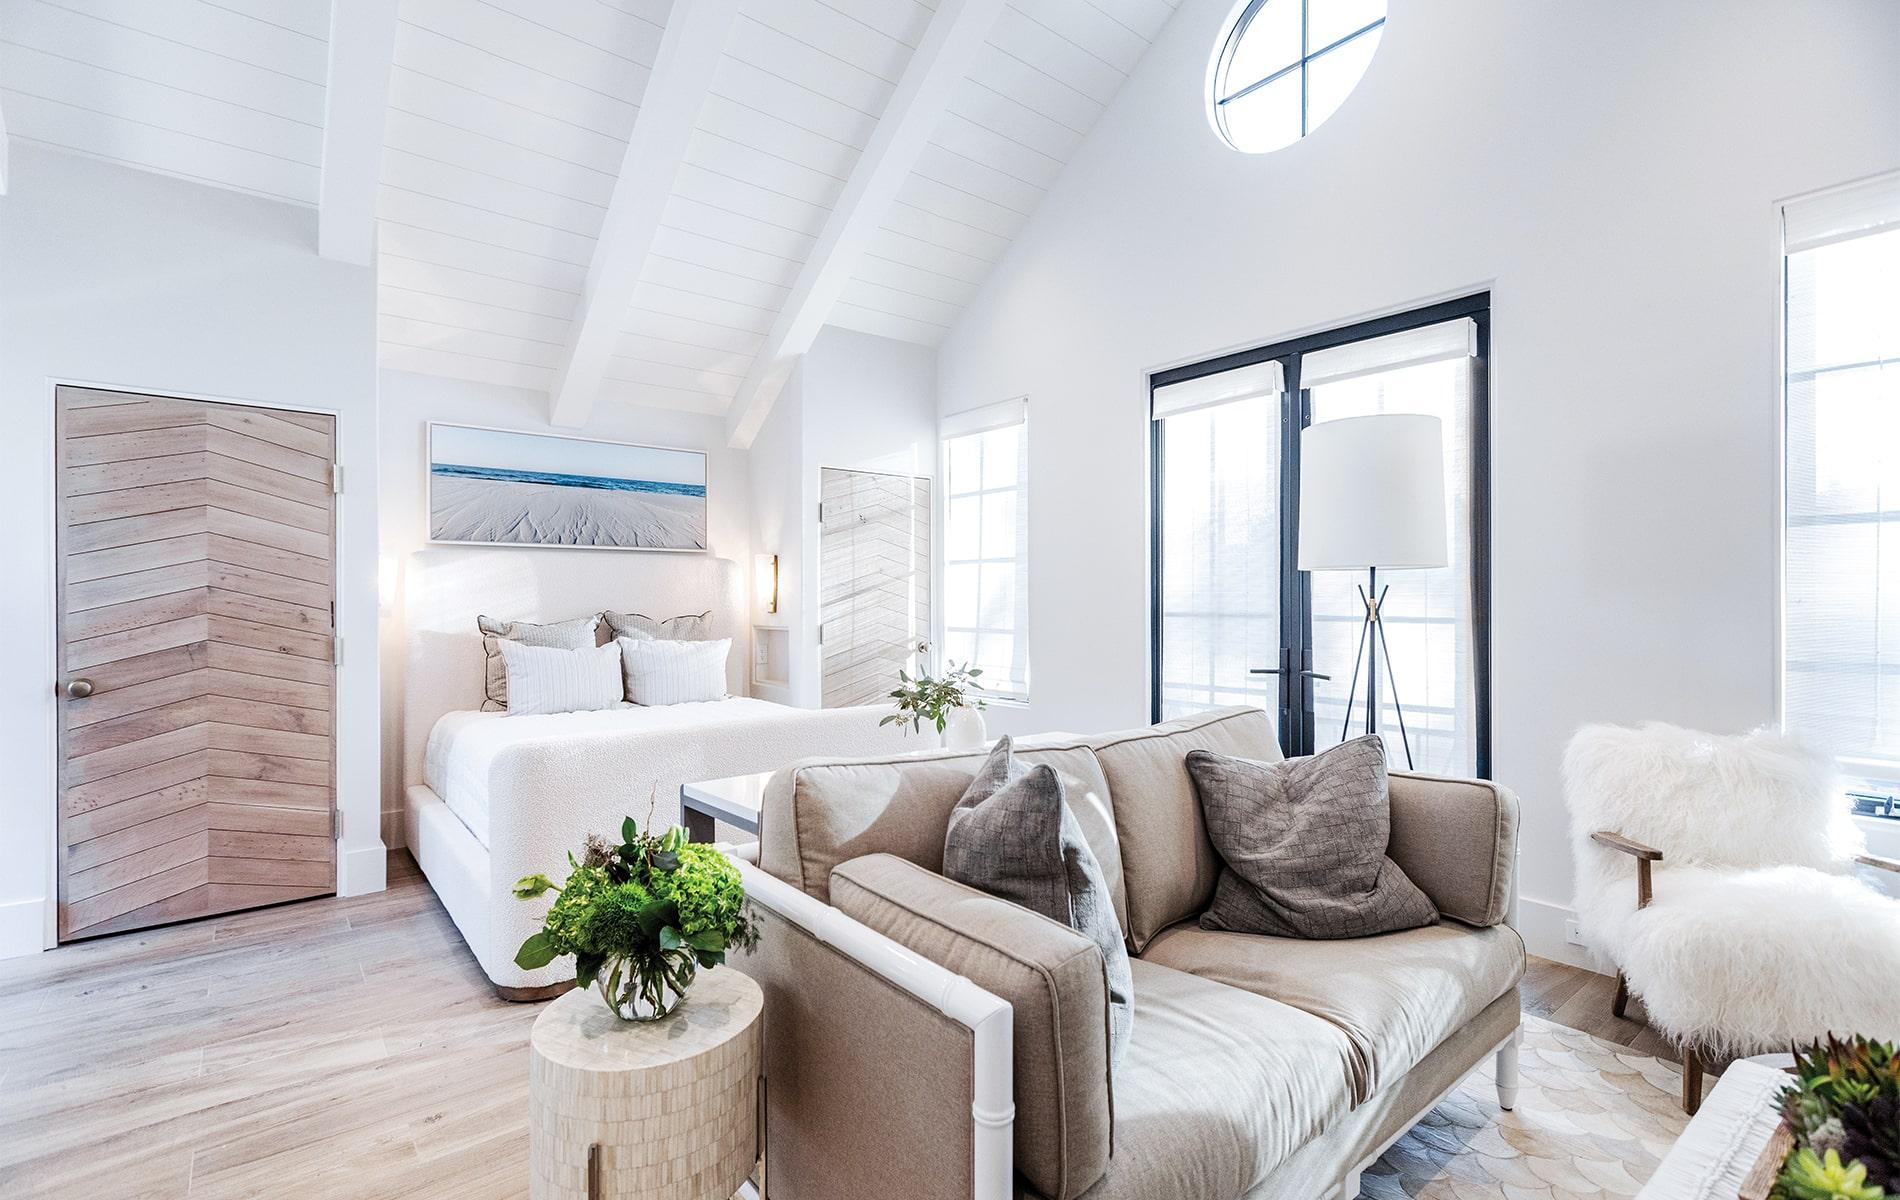 VIE Magazine, VIE Beach House A Show Home, Lovelace Interiors, Q Tile, Coastal Elements Construction